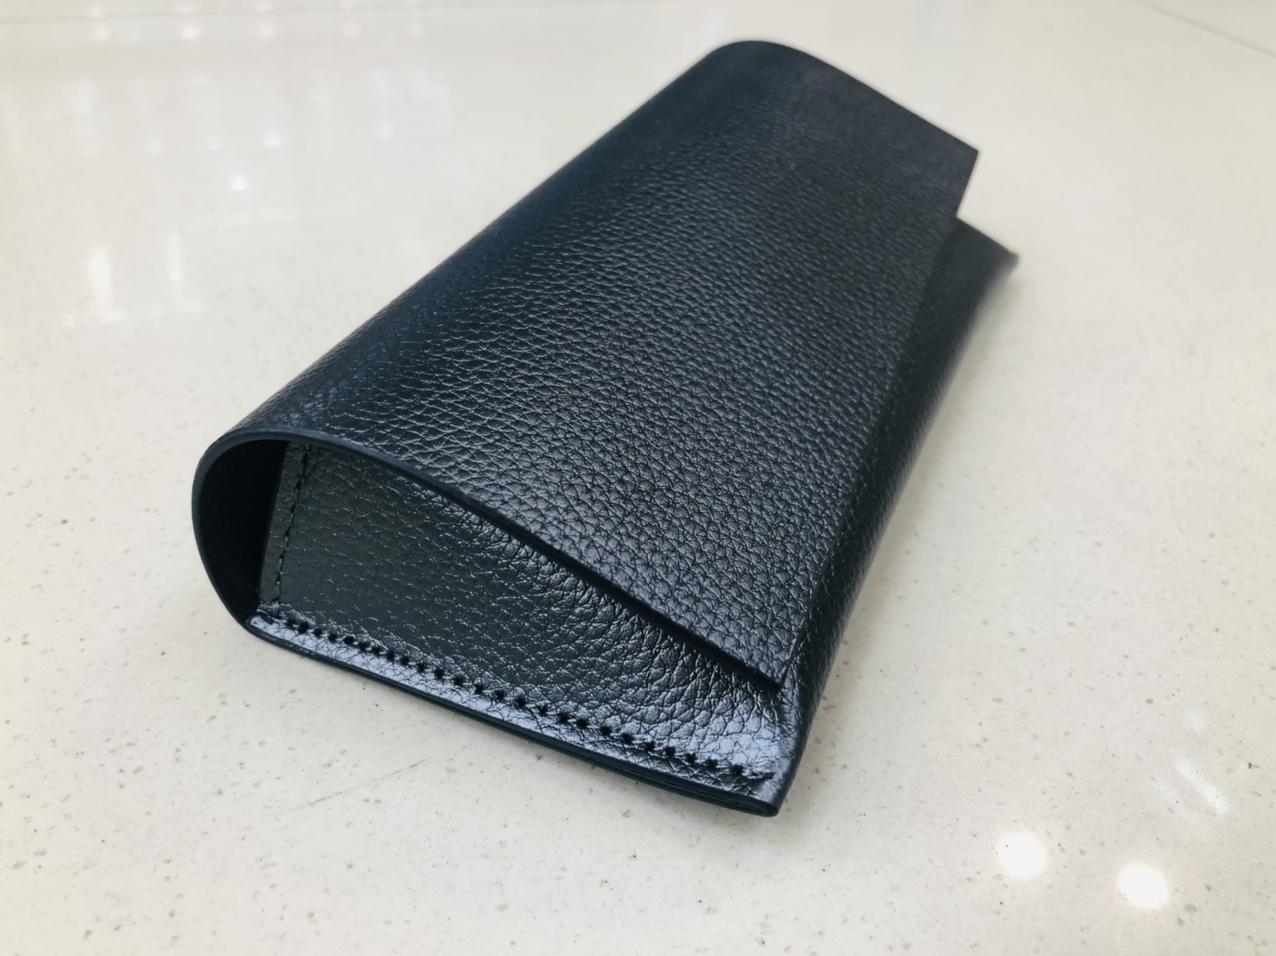 黑色荔枝纹翻盖磁吸软包眼镜盒14